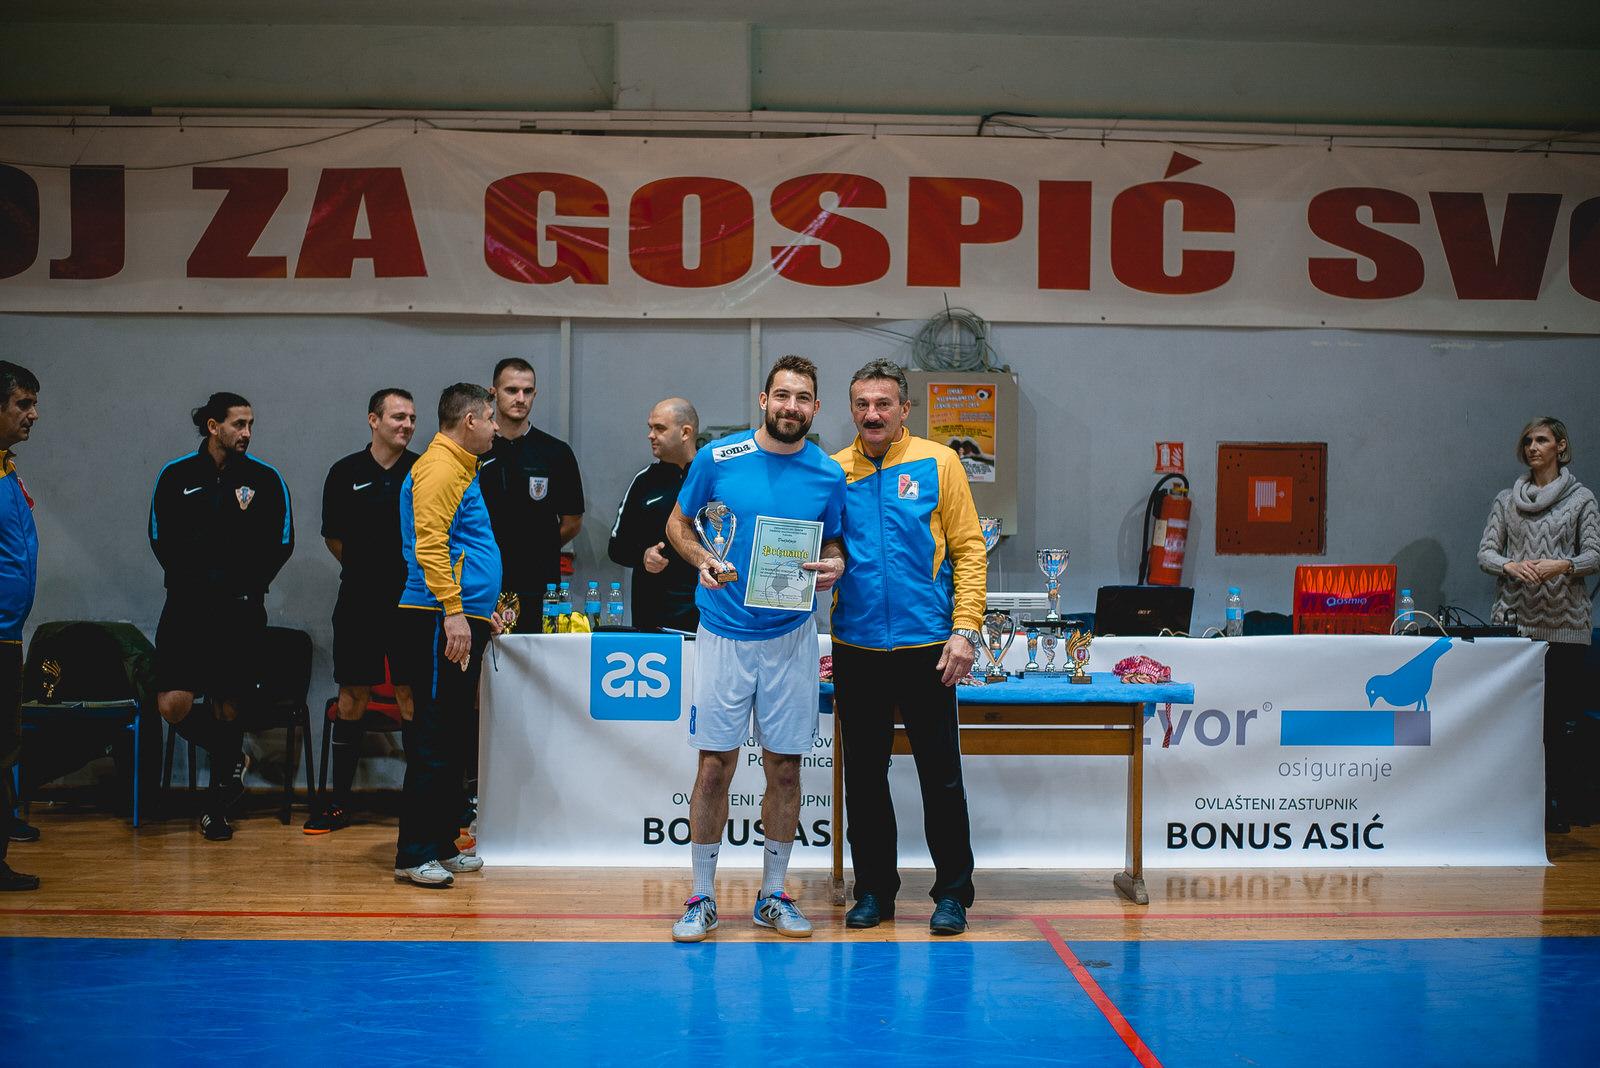 likaclub_gospić_zimski-malonogometni-turnir-2018-19-95